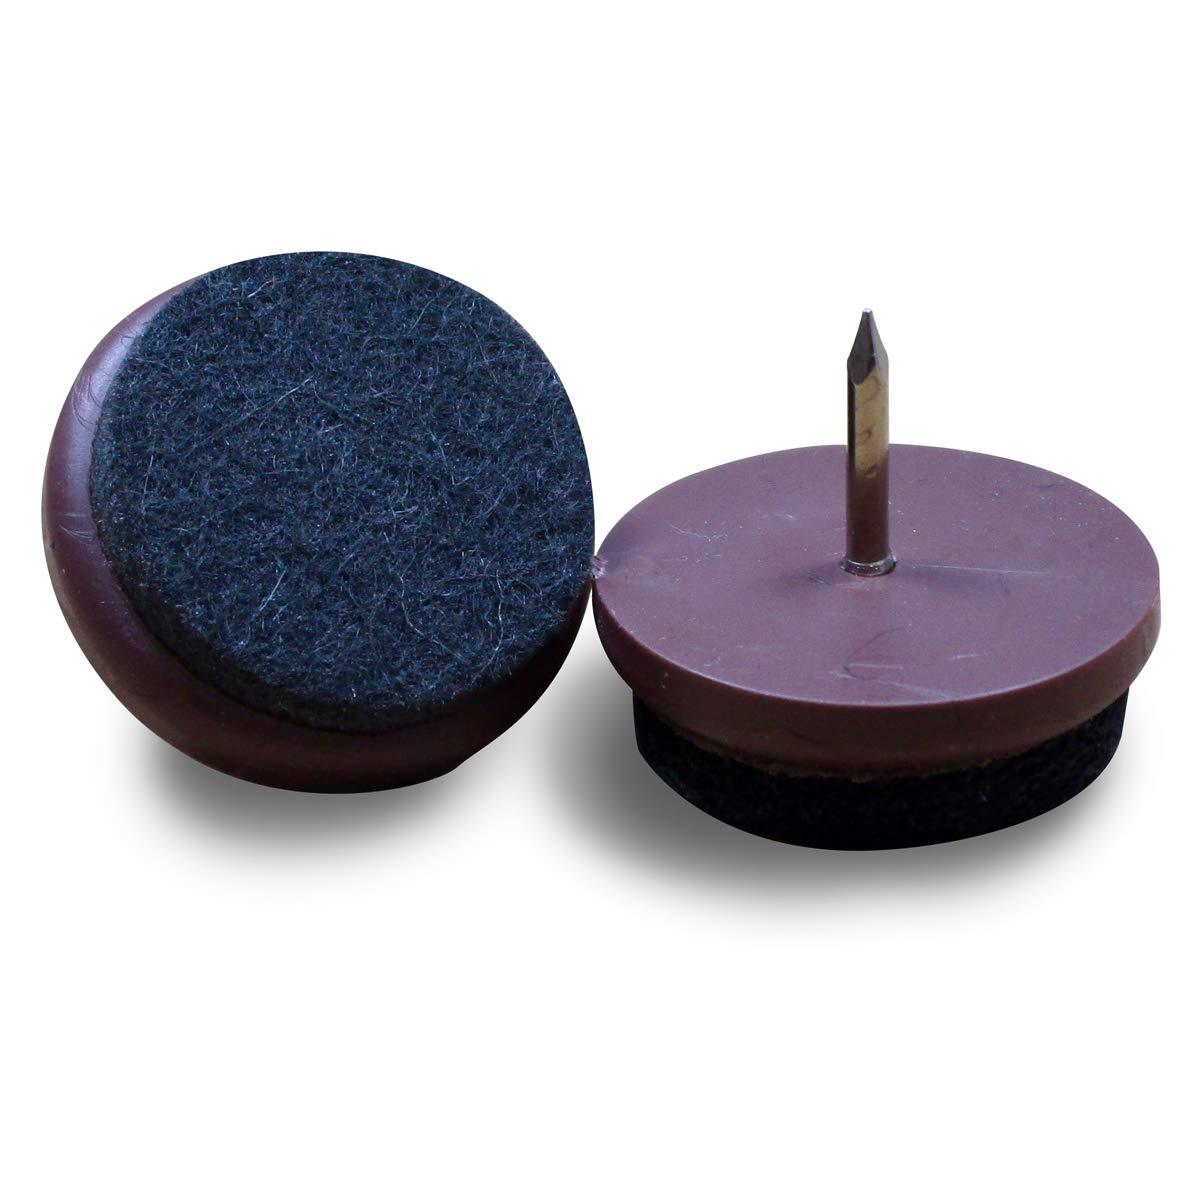 Ajile® - Lot de 16 pièces - Patin glisseur à clouer diam. 24 mm pour USAGE INTENSIF en plastique BRUN et feutre GRIS SOMBRE - FFI824